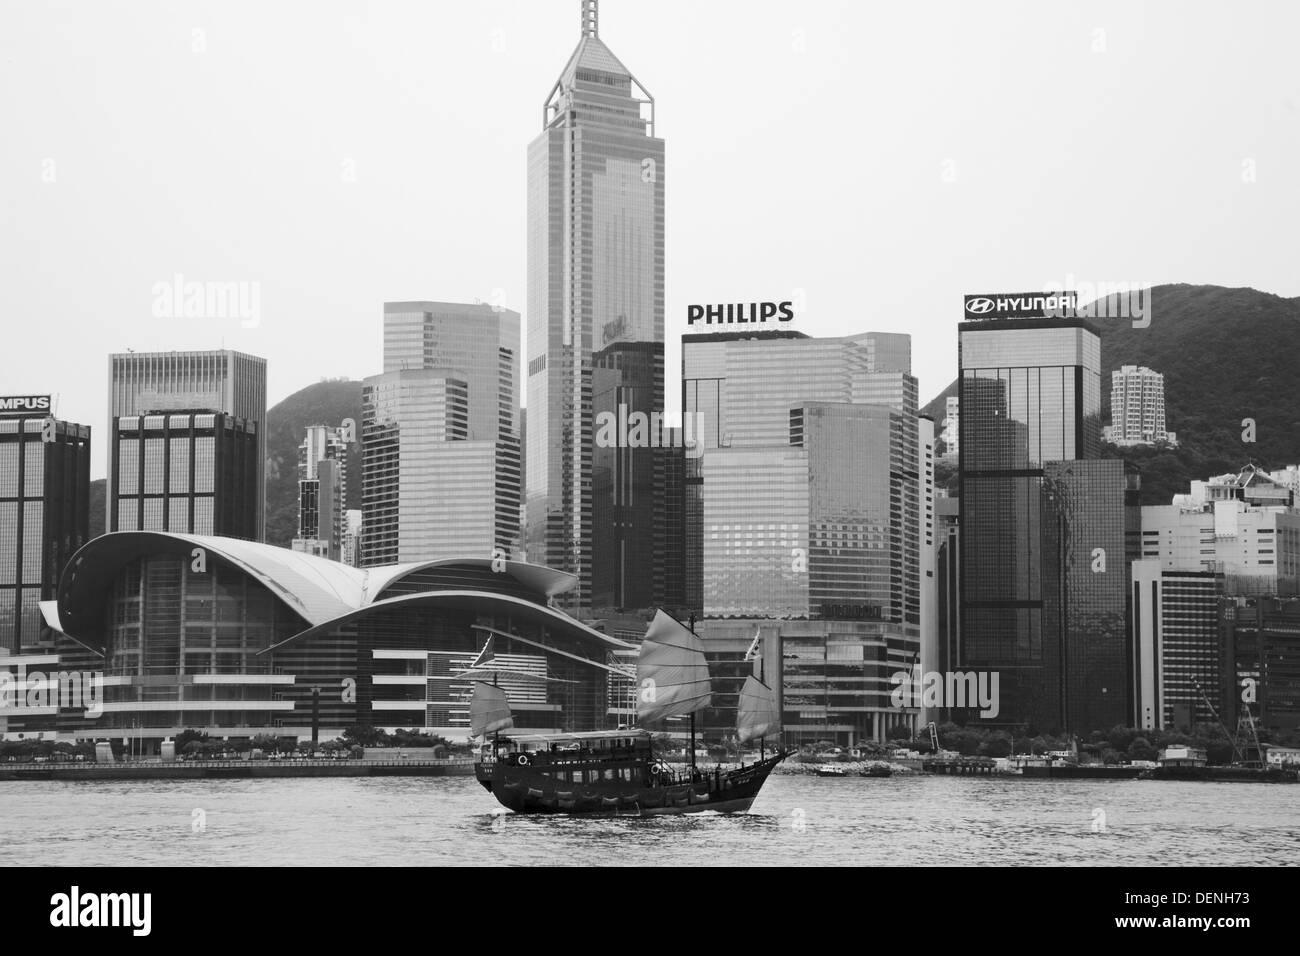 Junk-e-Stil-Boot im Hafen, Hong Kong Stockbild